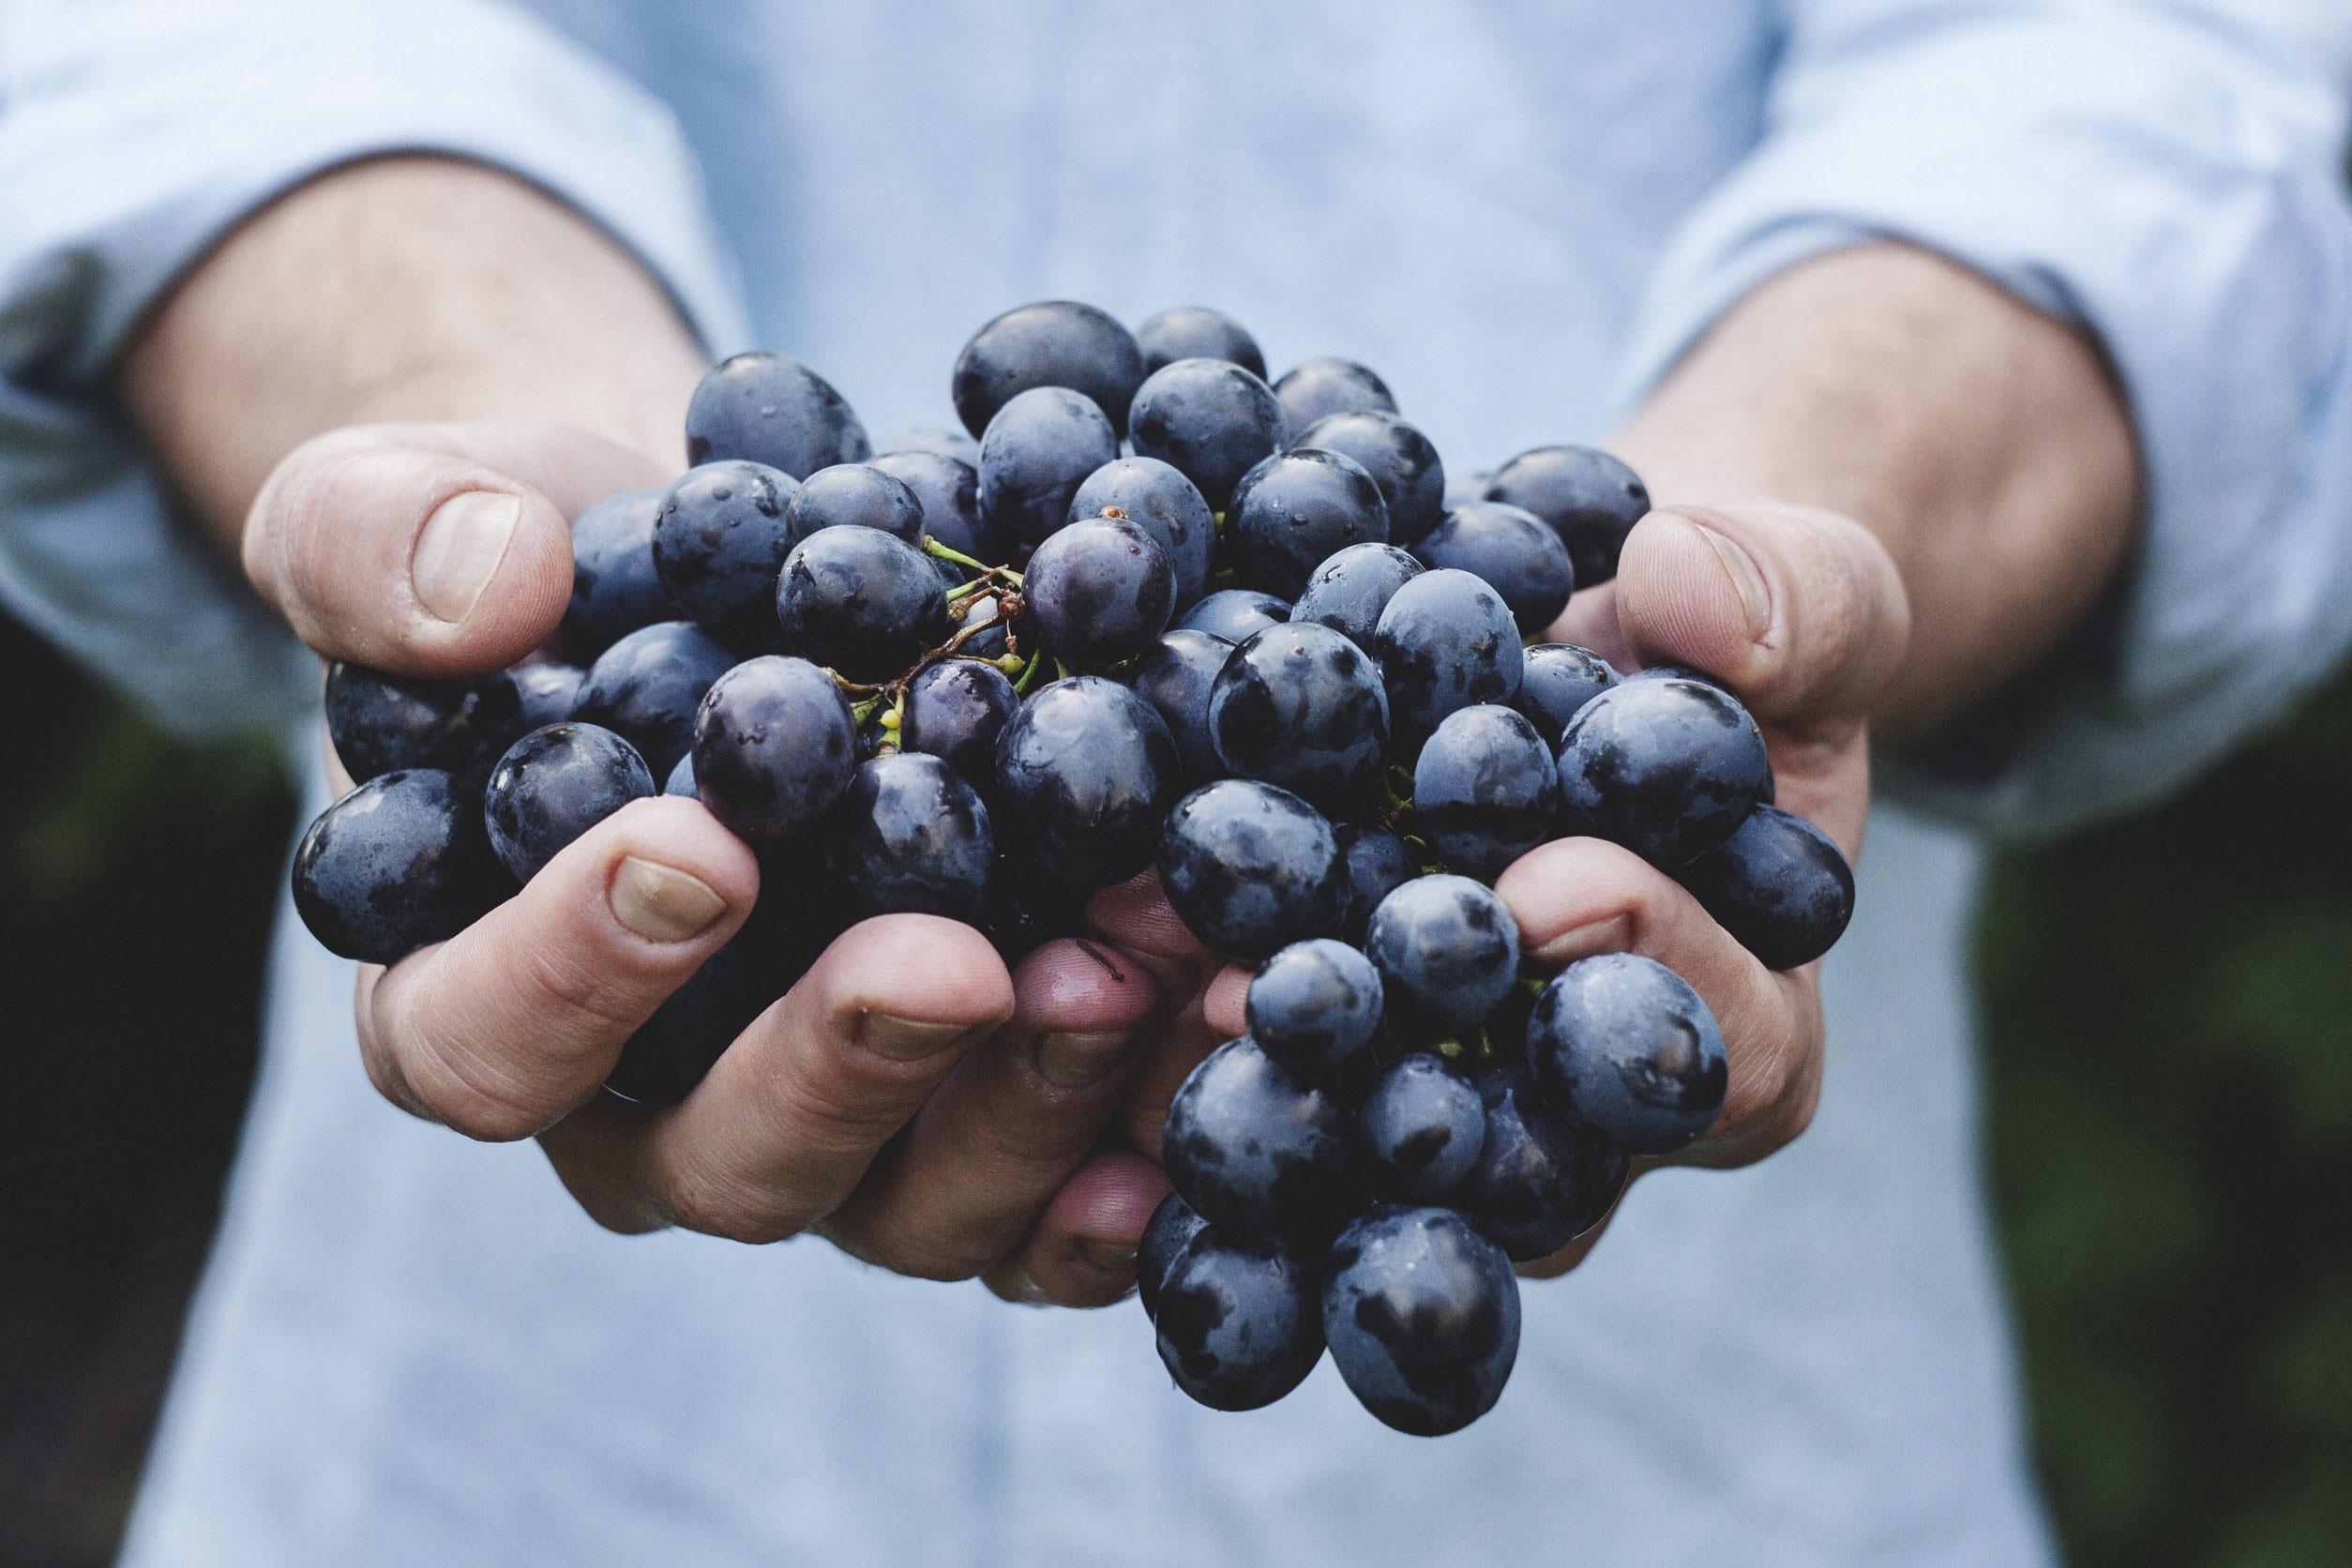 Trauben sind zar nicht ewig haltbar, wie alle Lebensmittel aber zu gut für die Tonne